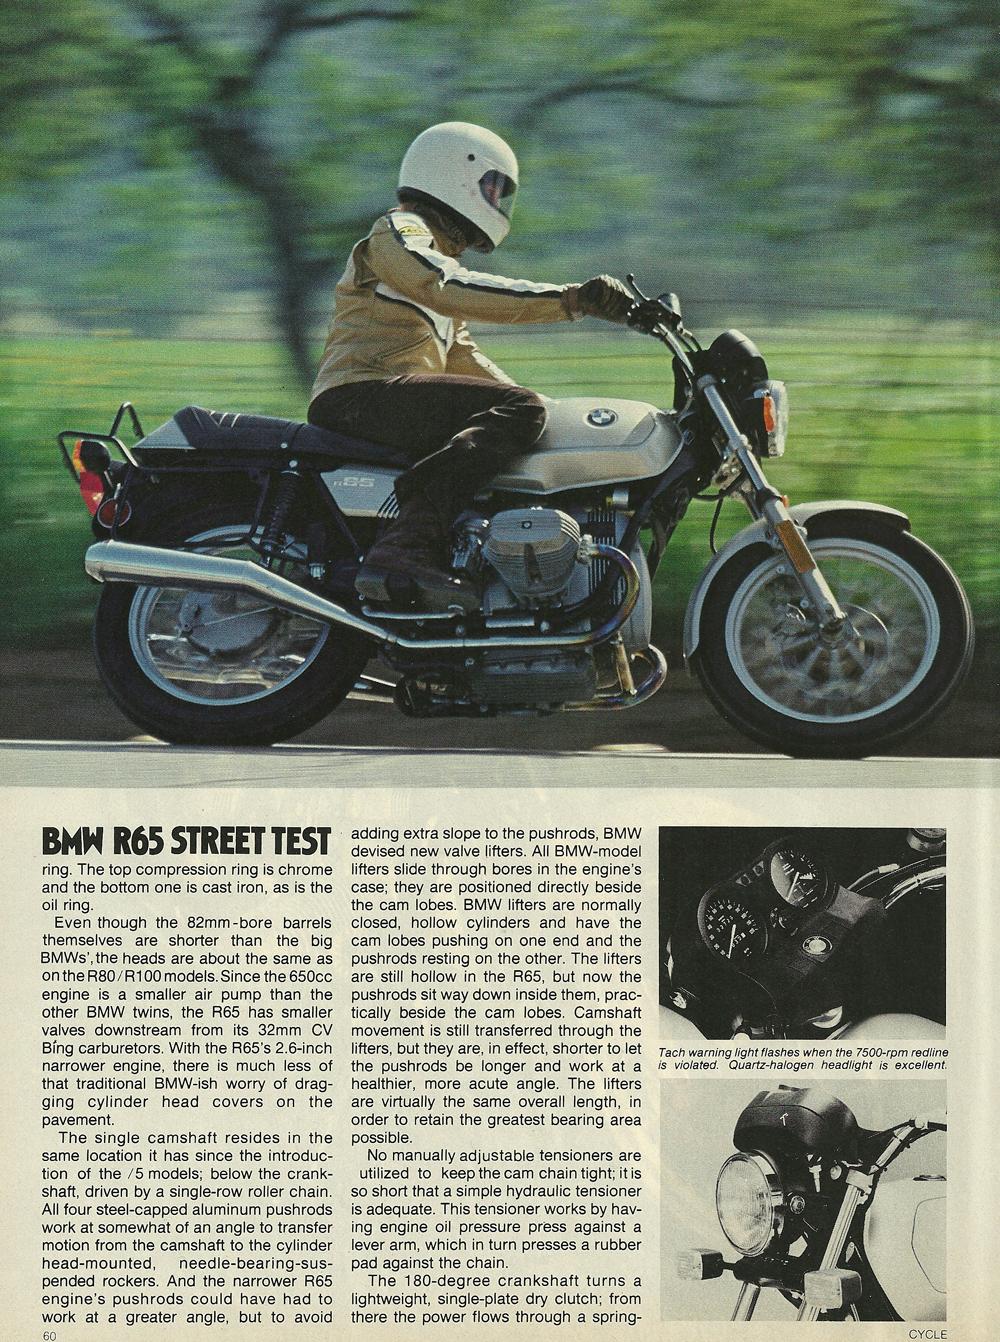 1979 BMW R65 road test 3.jpg